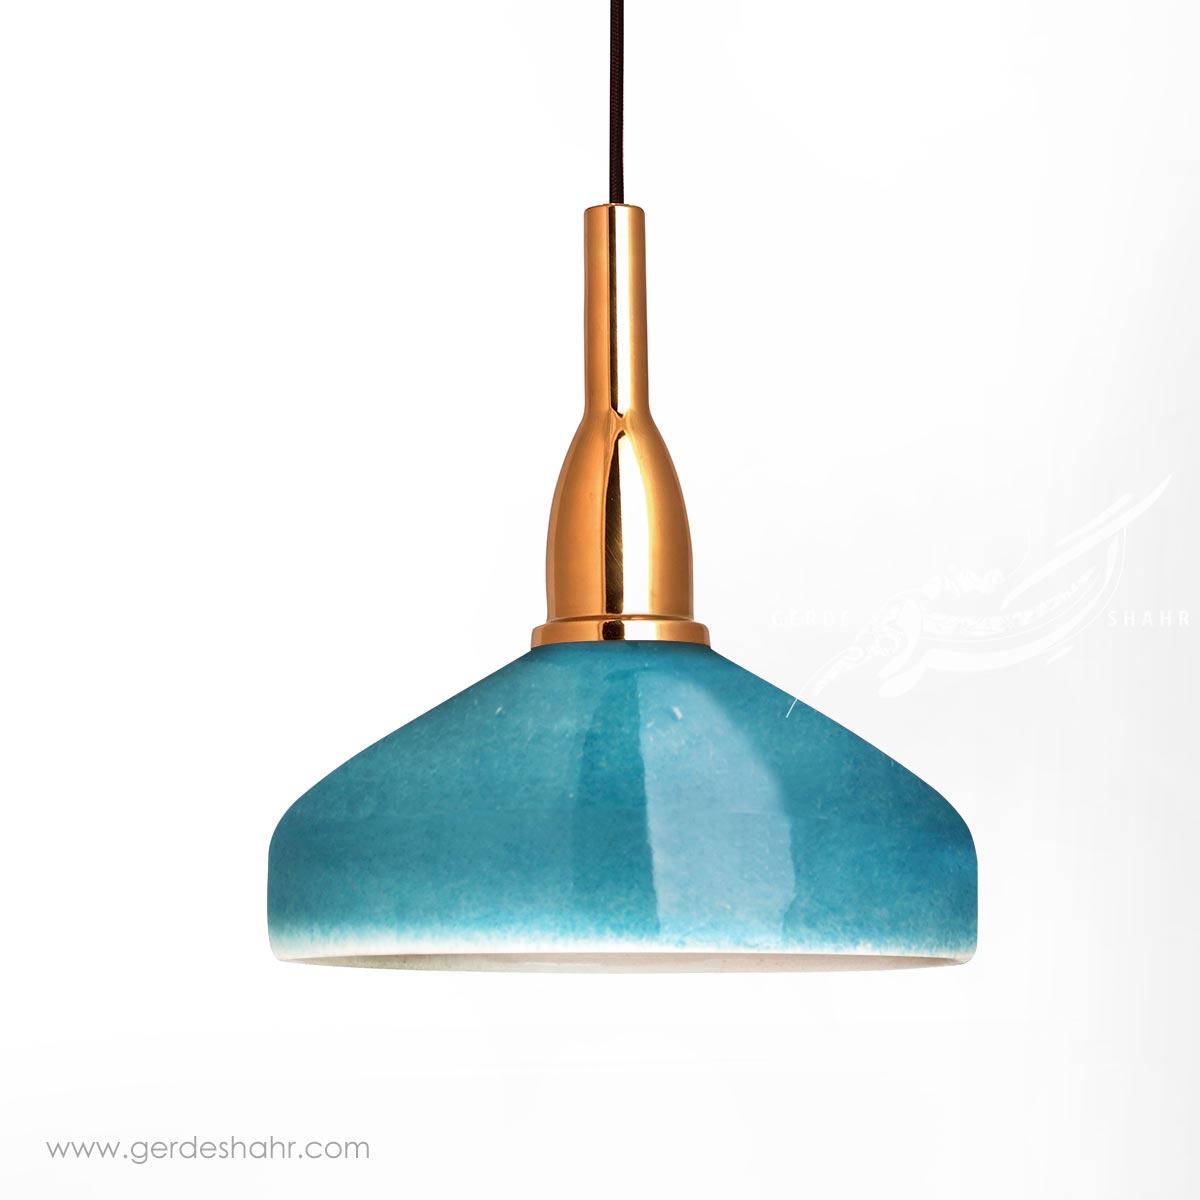 آویز روشنایی گردسوز فیروزه ای بزرگ تیروژ محصولات